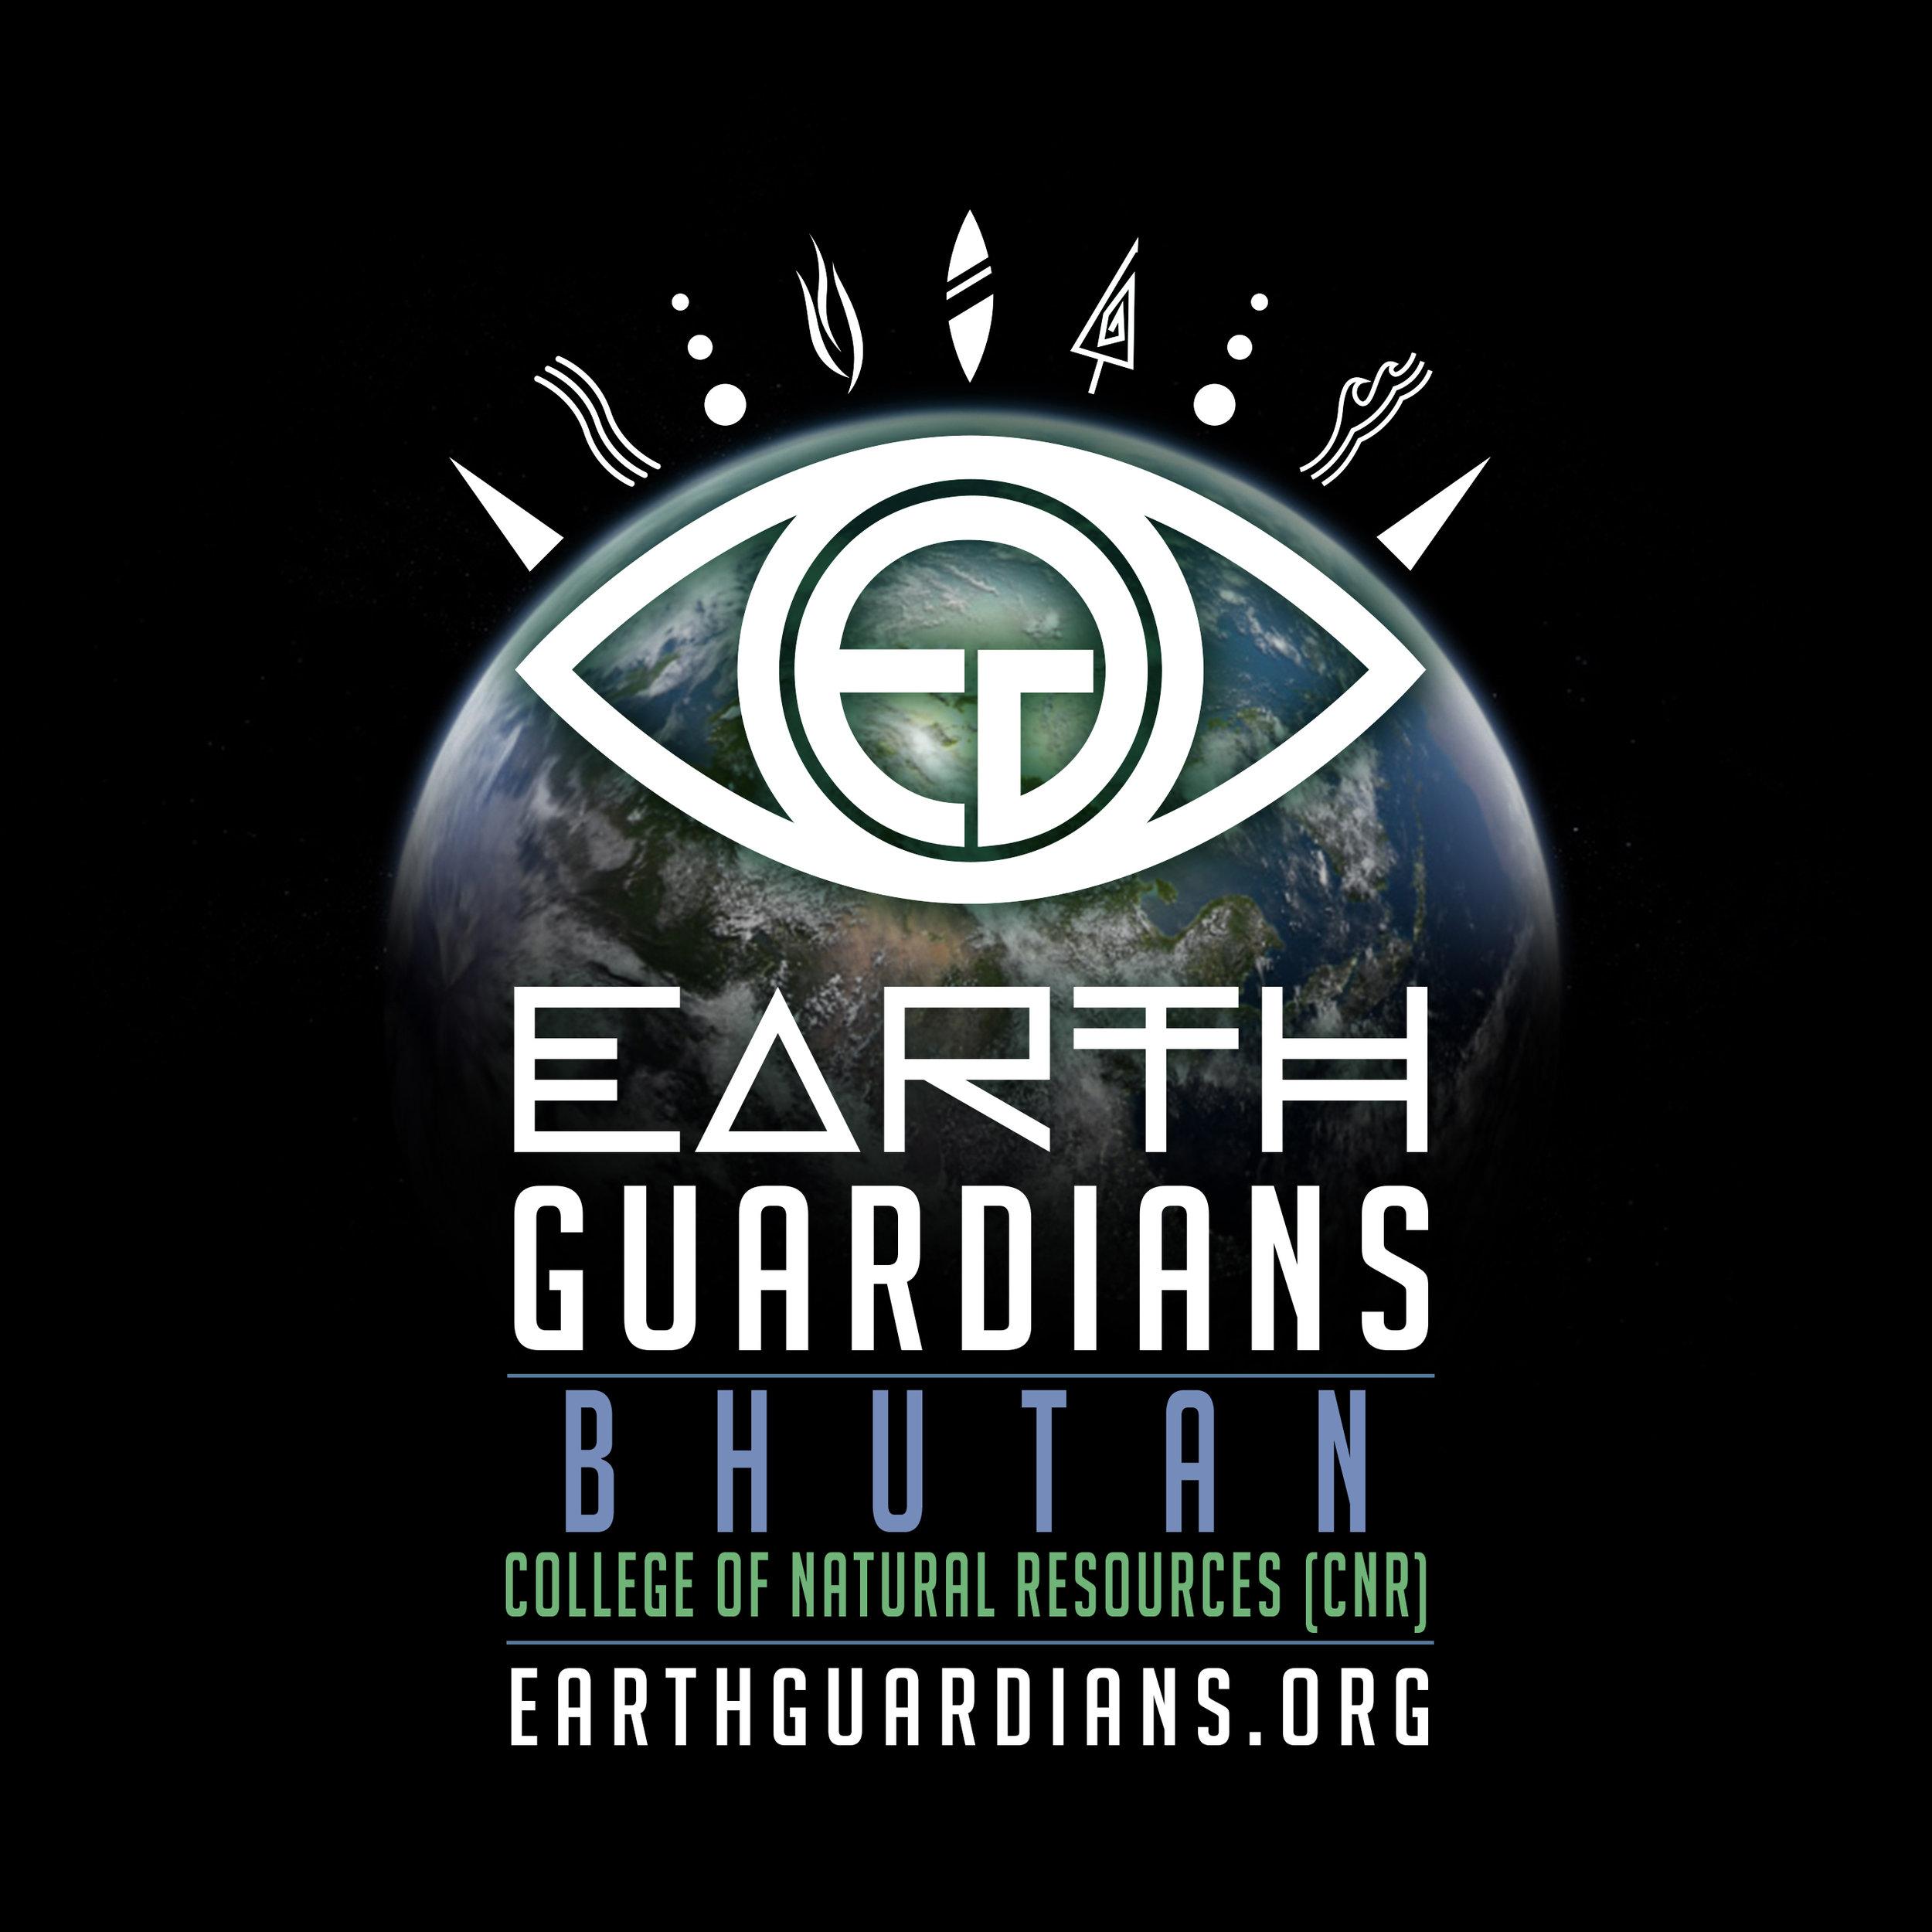 EG LOGO BHUTAN (CNR).jpg